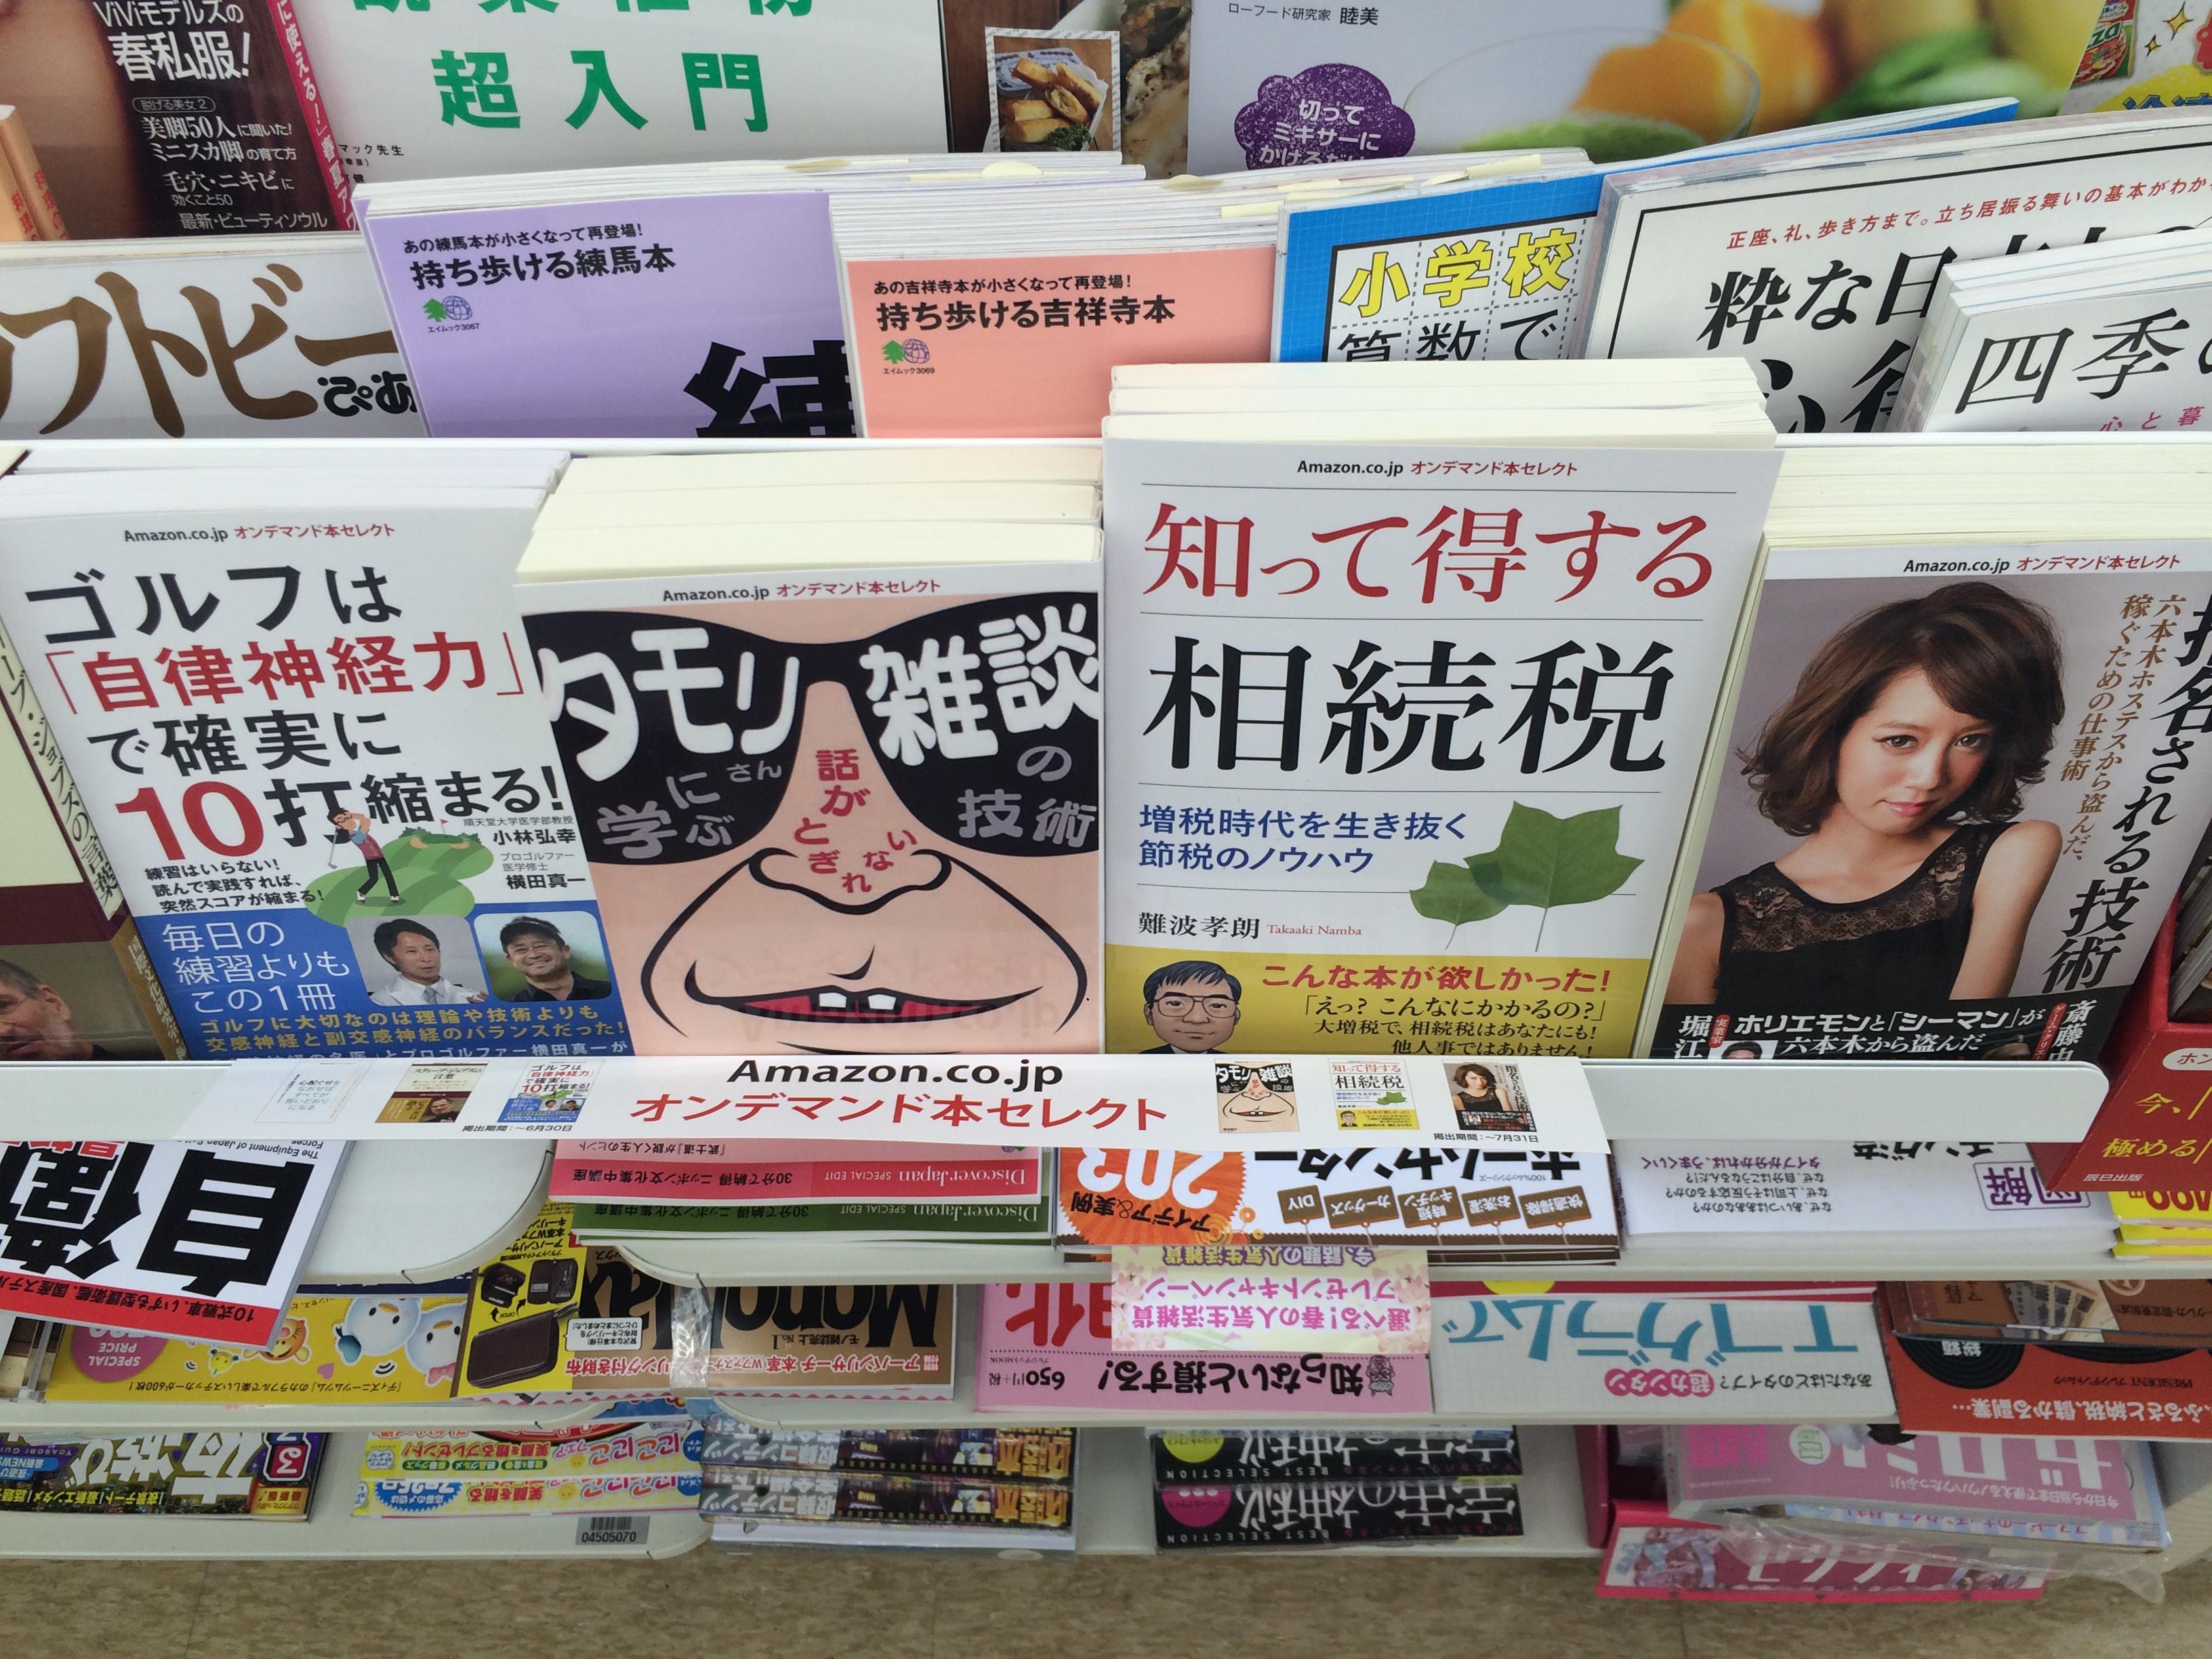 ローソン店頭に並ぶ「Amazon.co.jp オンデマンド本セレクト」(撮影:筆者)